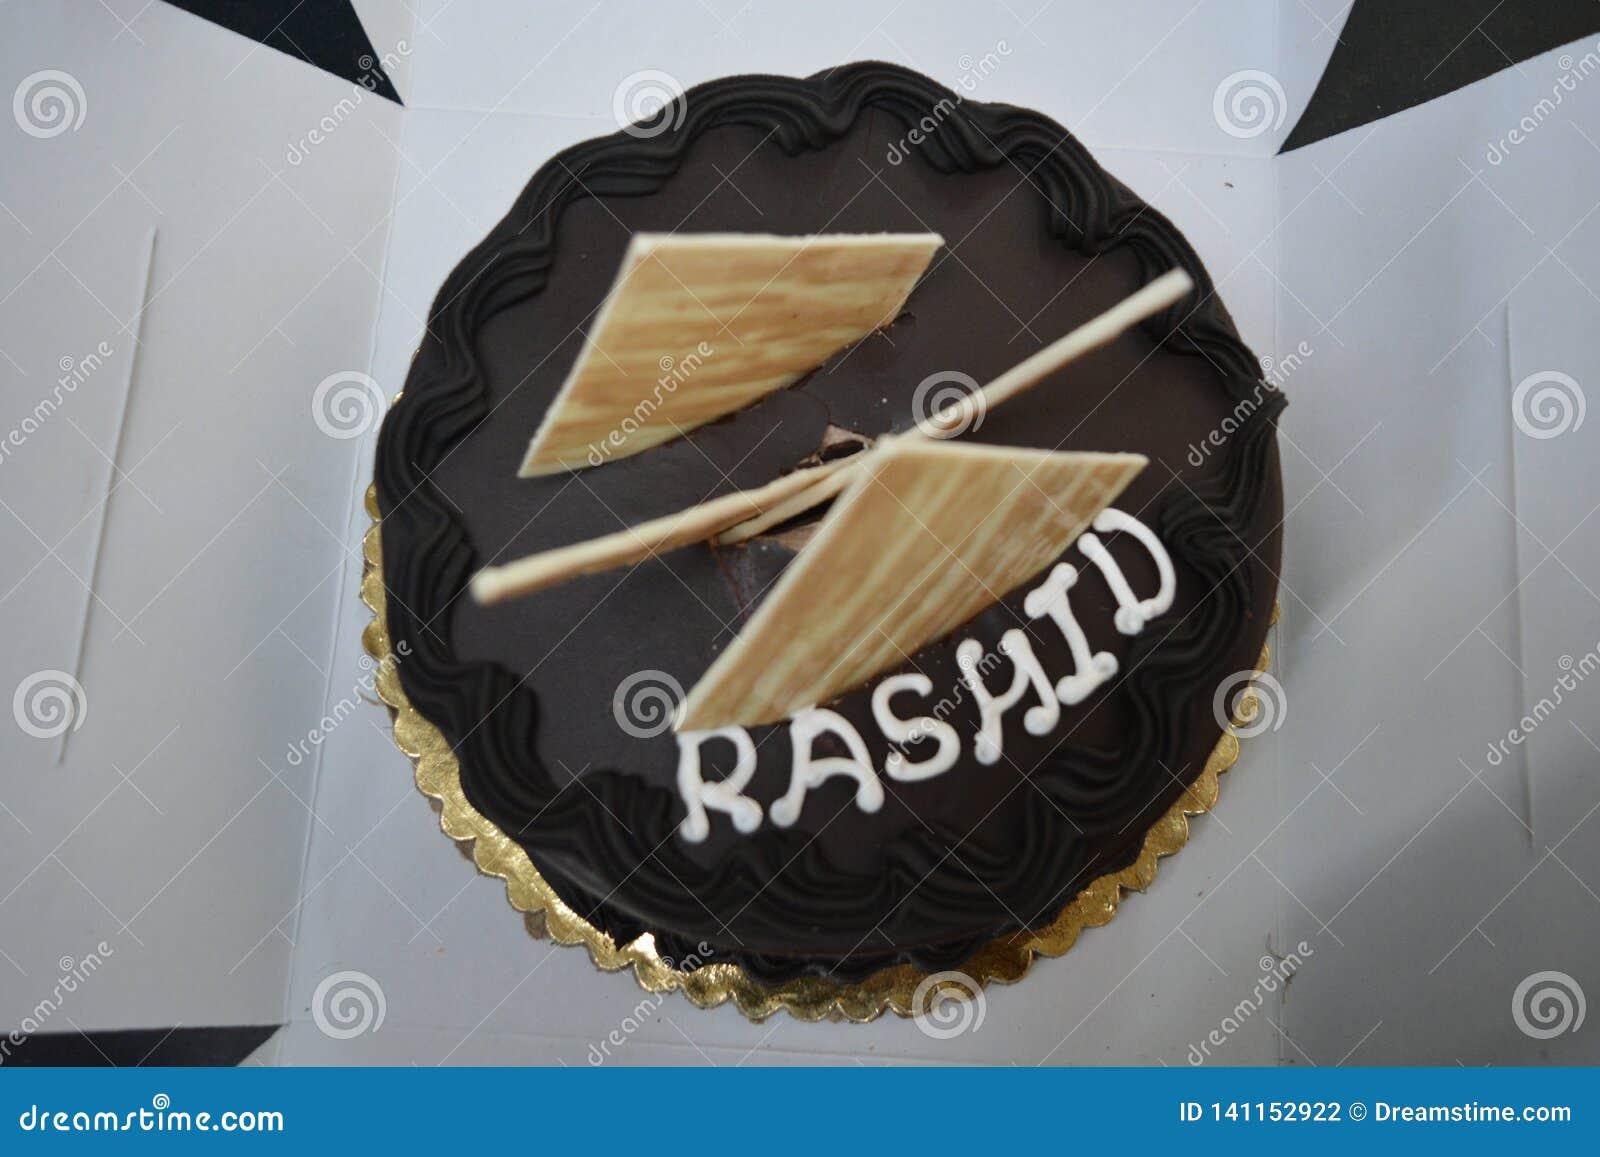 Именниный пирог с именем Rashid